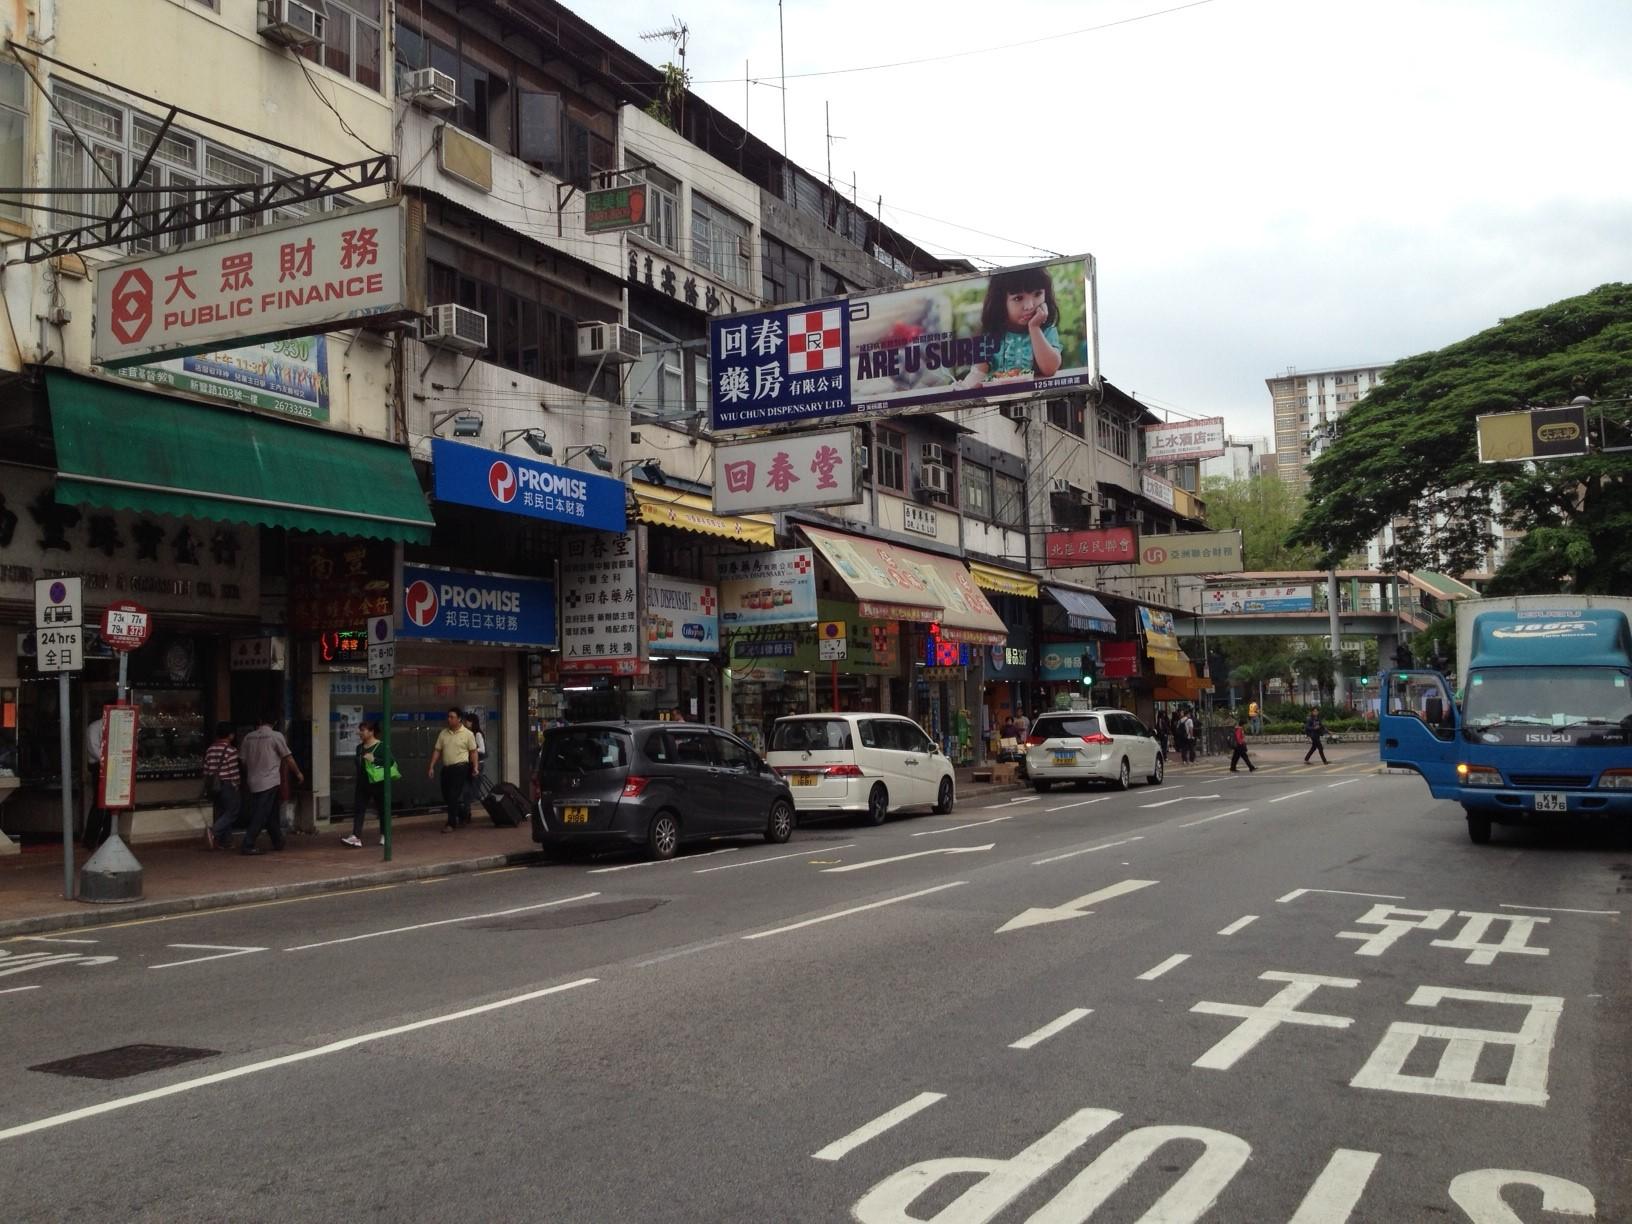 香港上水购物街道实拍 (照片每日更新)